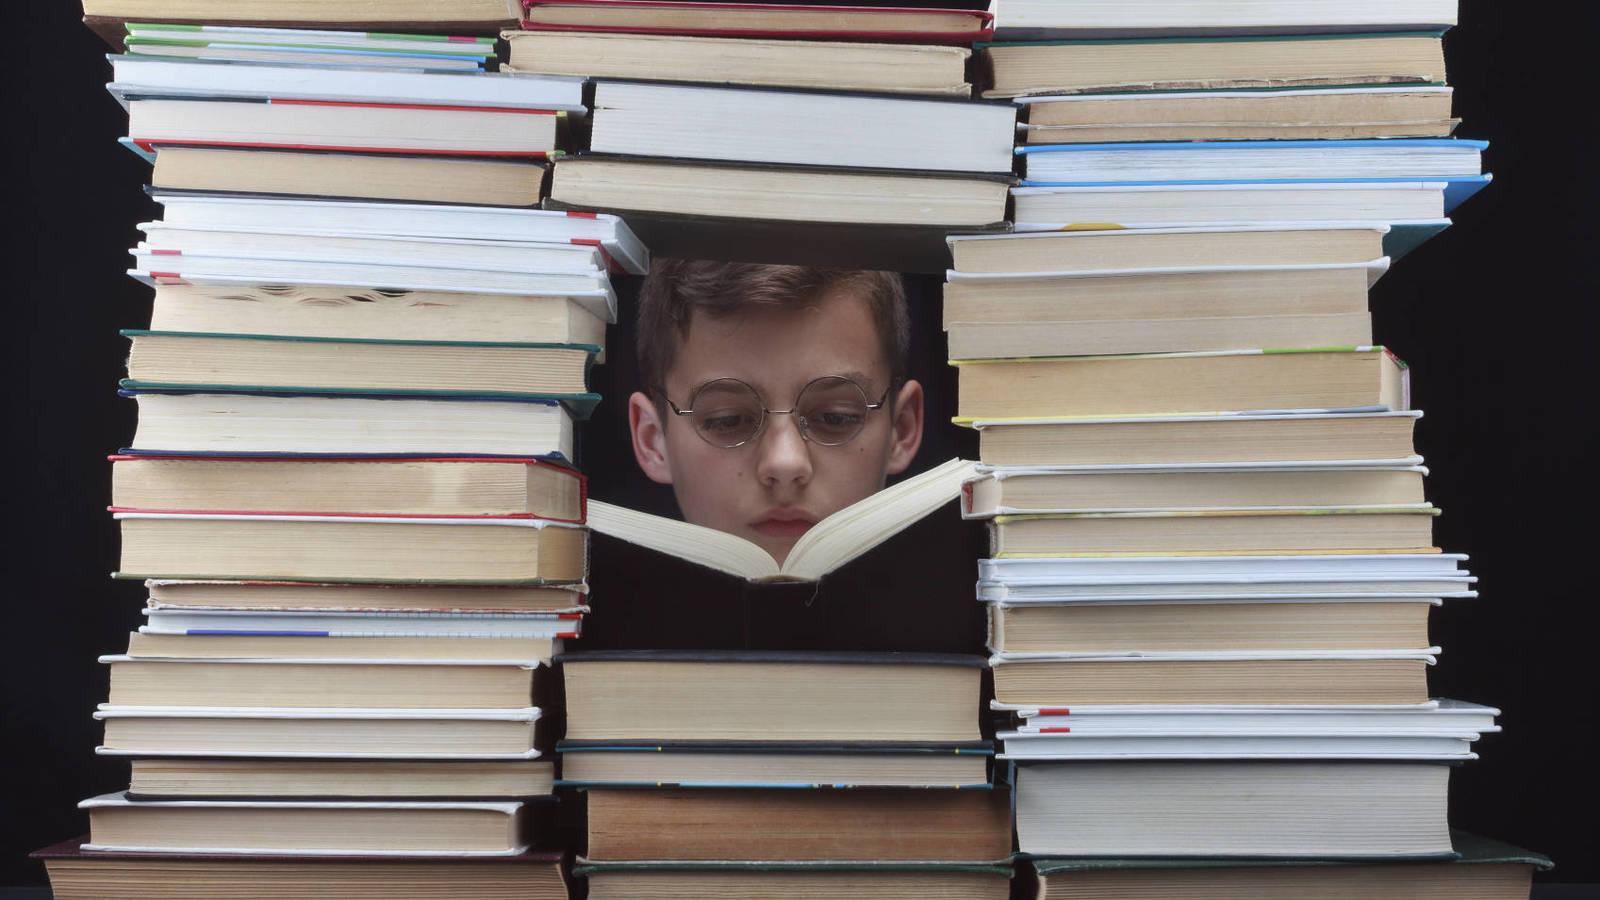 (Lista) 7 libros de ciencia ficción que debes leer antes de que sus adaptaciones se estrenen en cine y TV